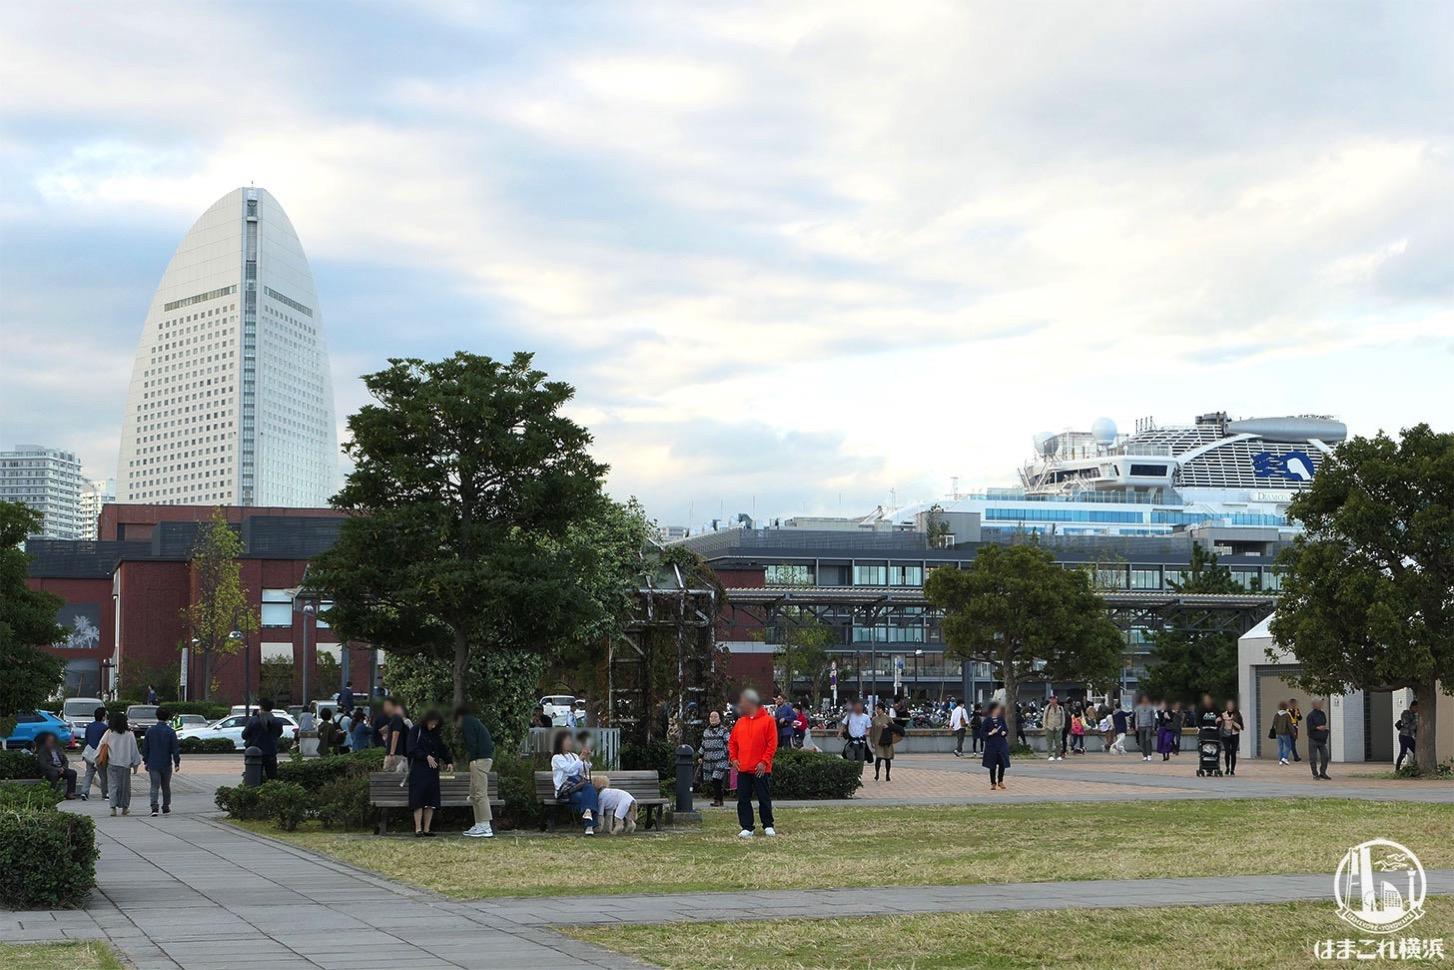 横浜赤レンガ倉庫から見たダイヤモンド・プリンセス